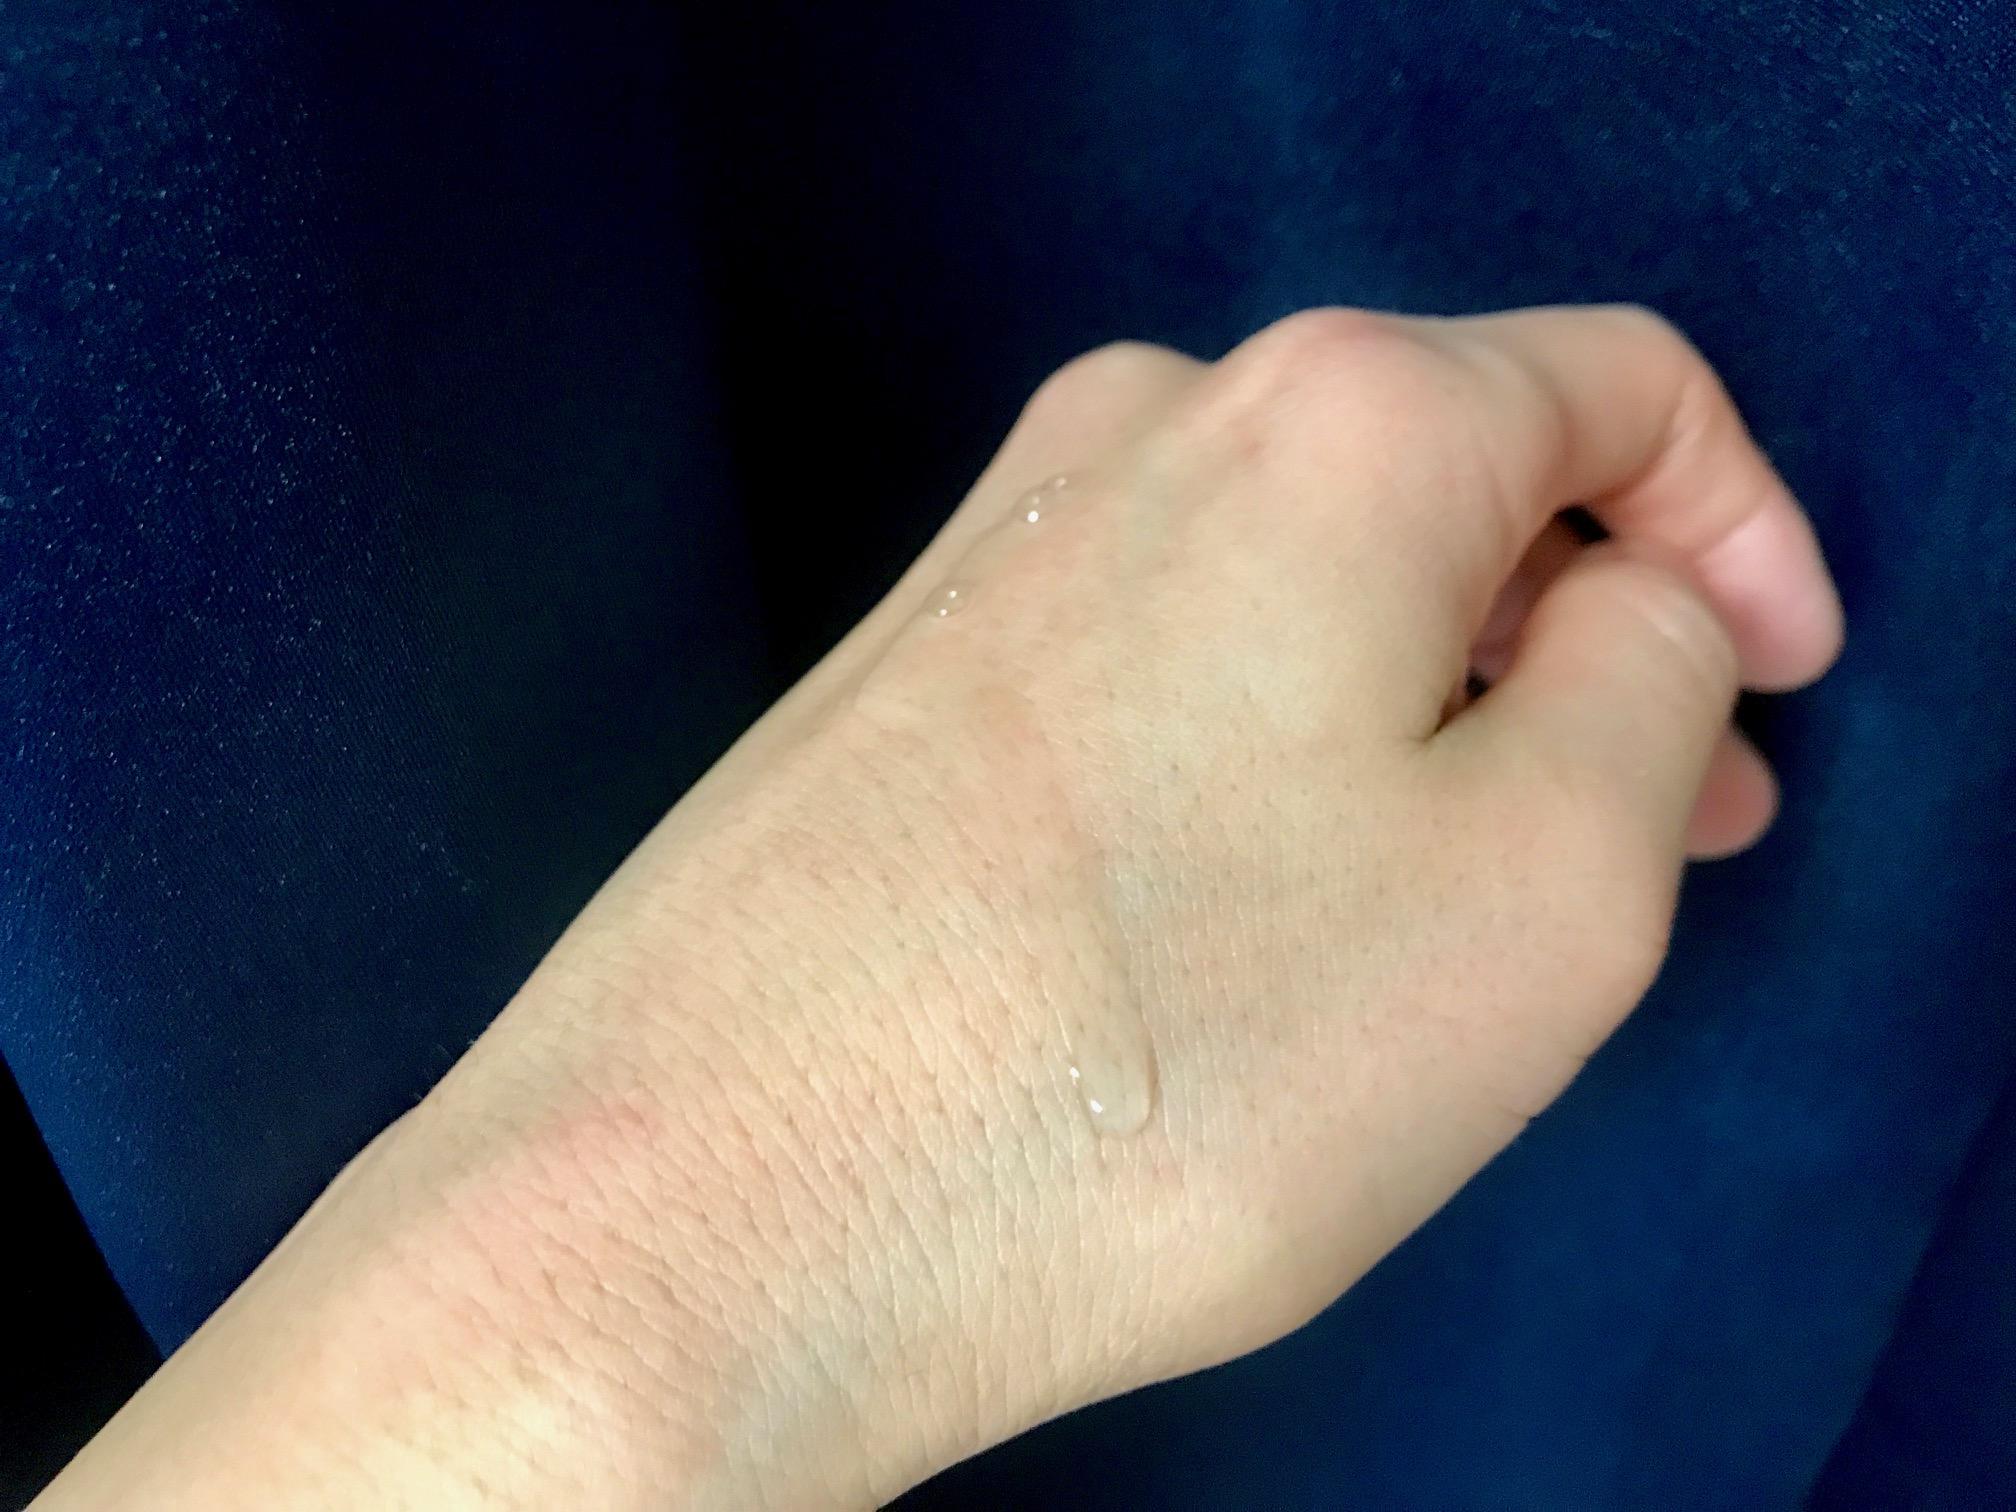 美白化粧品特集 - シミやくすみ対策・肌の透明感アップが期待できるコスメは? 記事Photo Gallery_1_3